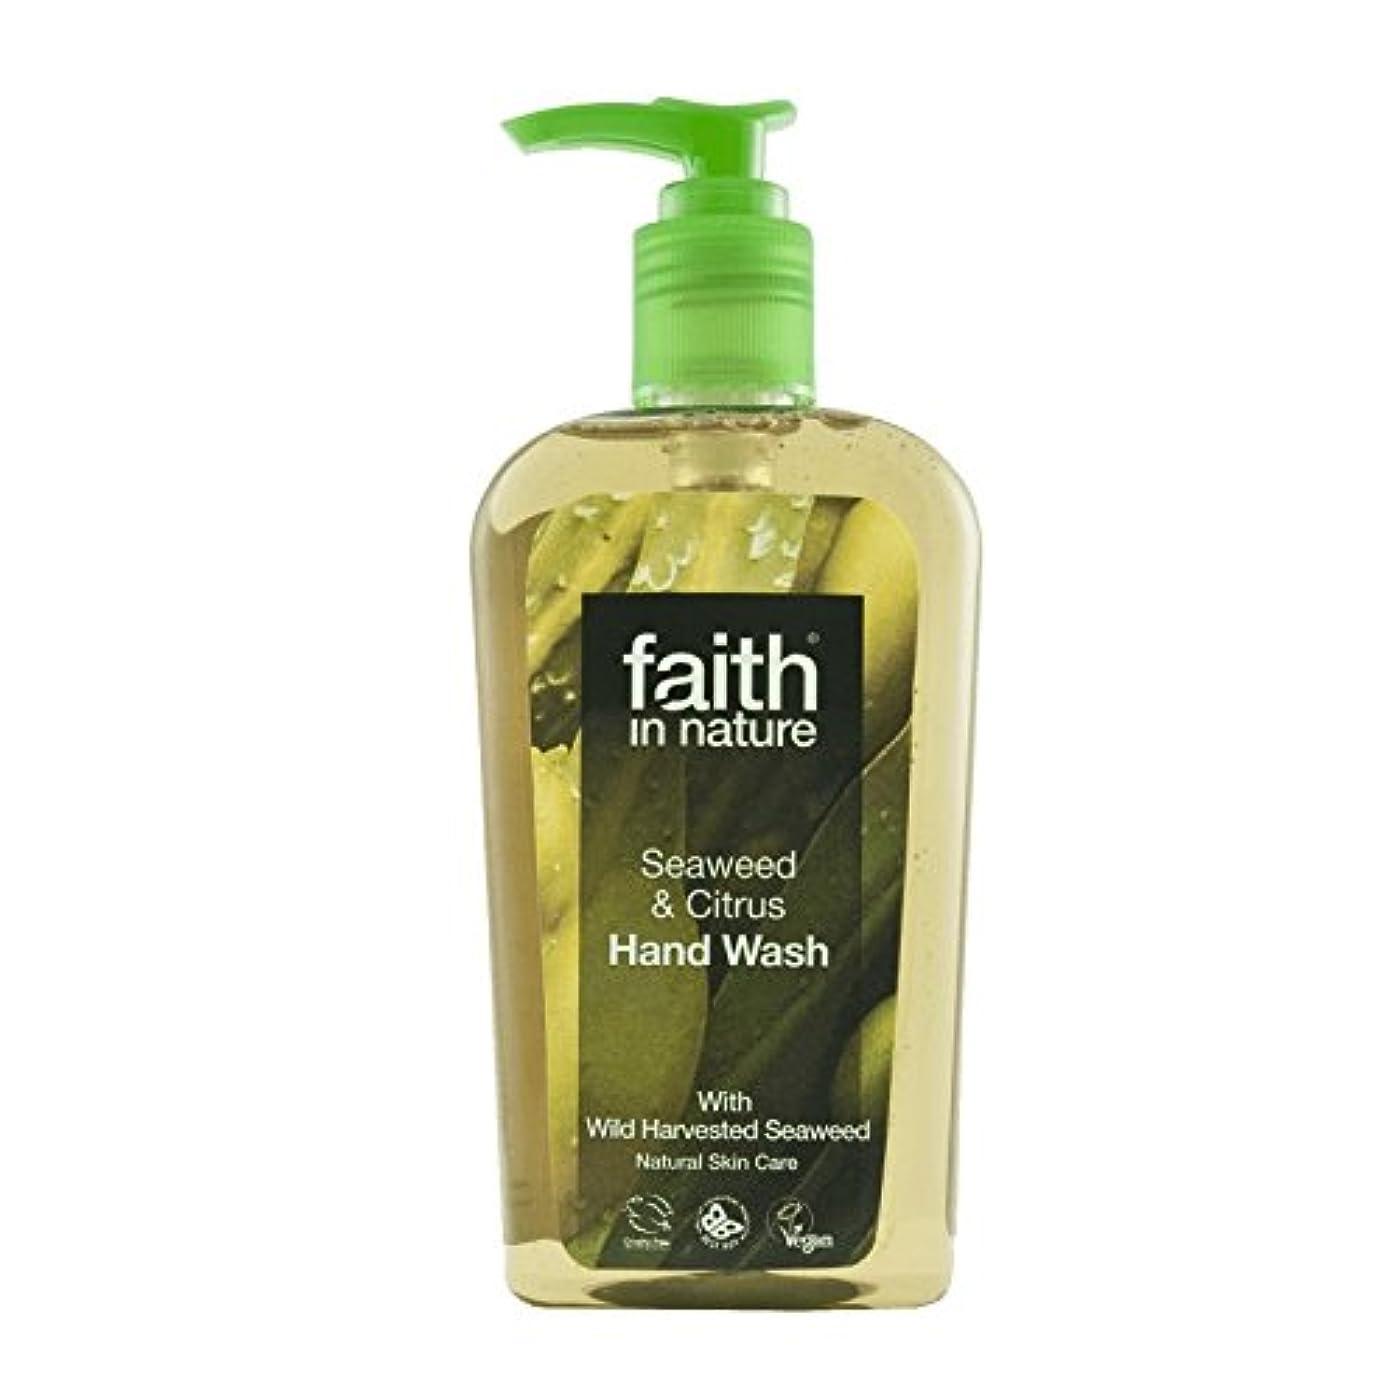 自然海藻手洗いの300ミリリットルの信仰 - Faith In Nature Seaweed Handwash 300ml (Faith in Nature) [並行輸入品]